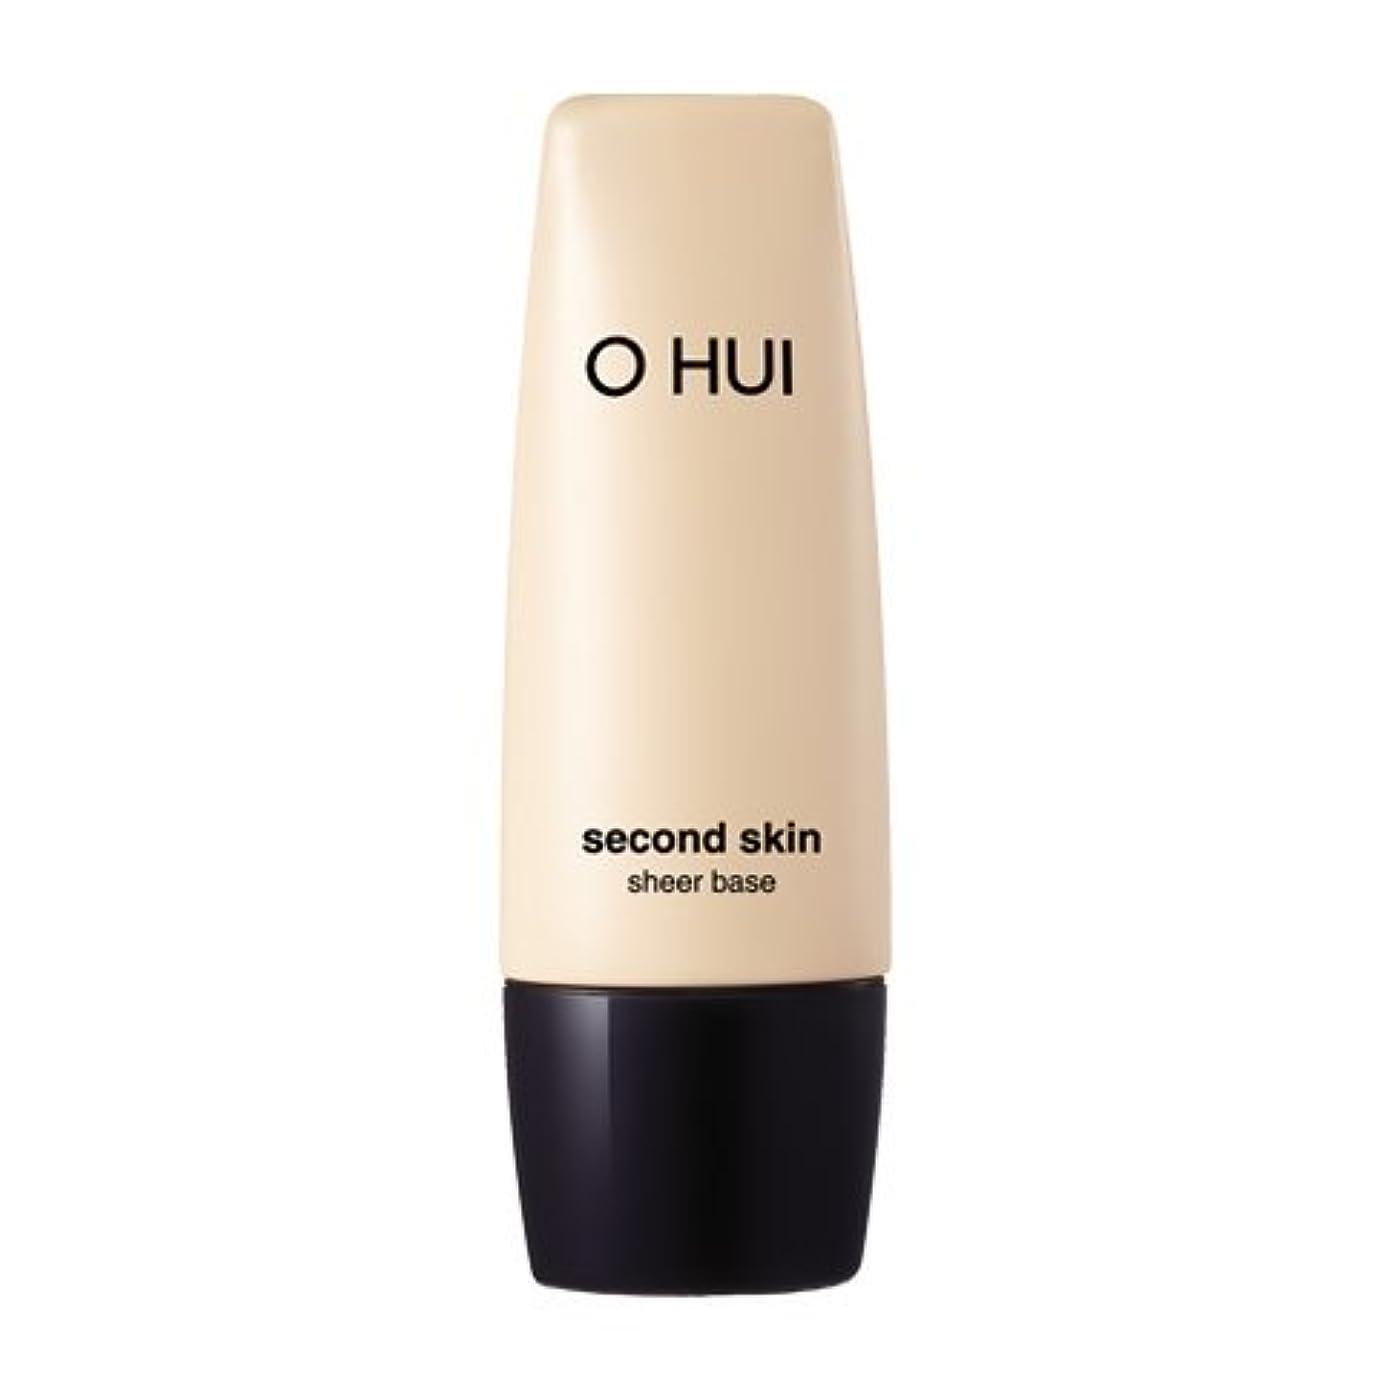 促すアルミニウム再びOHUI Second Skin Sheer Base 40ml/オフィ セカンド スキン シア ベース 40ml